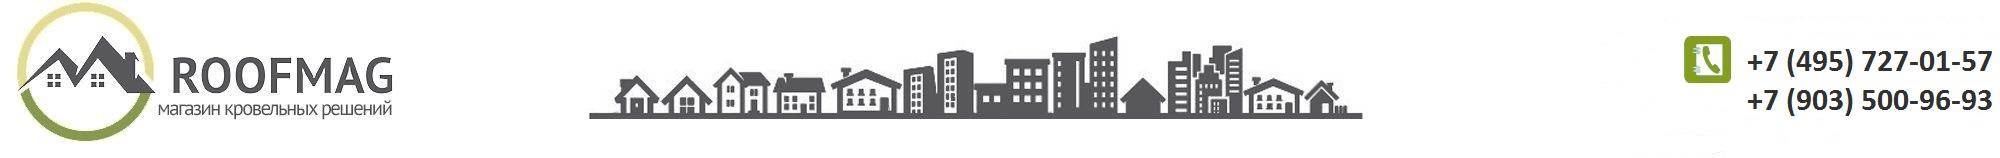 Гипермаркет ROOFMAG – кровля, фасад, мансардные окна. Купить в Москве. Замер, расчет, доставка.